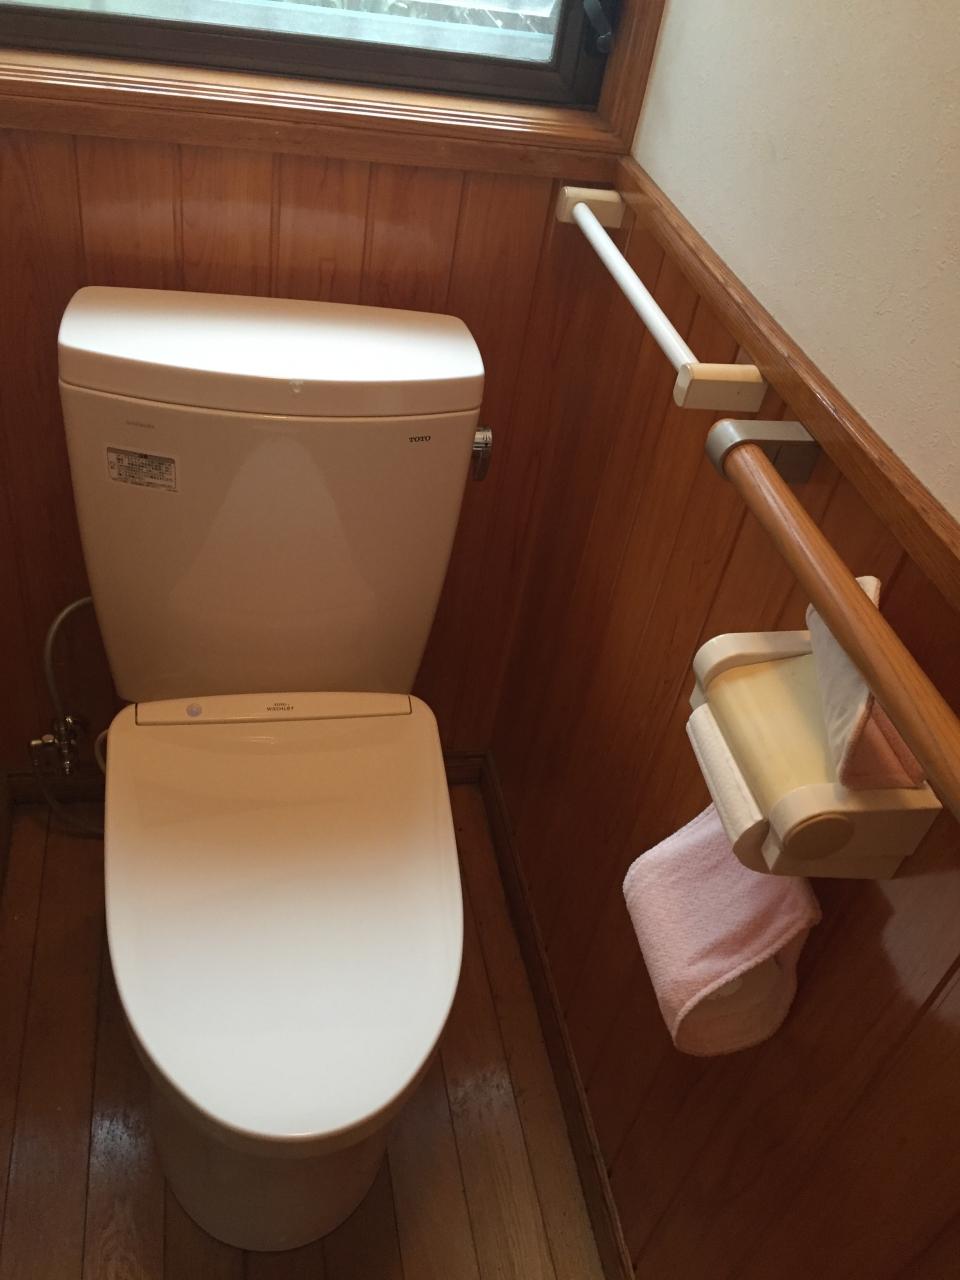 呉市阿賀中央 トイレ便器交換 リフォーム工事